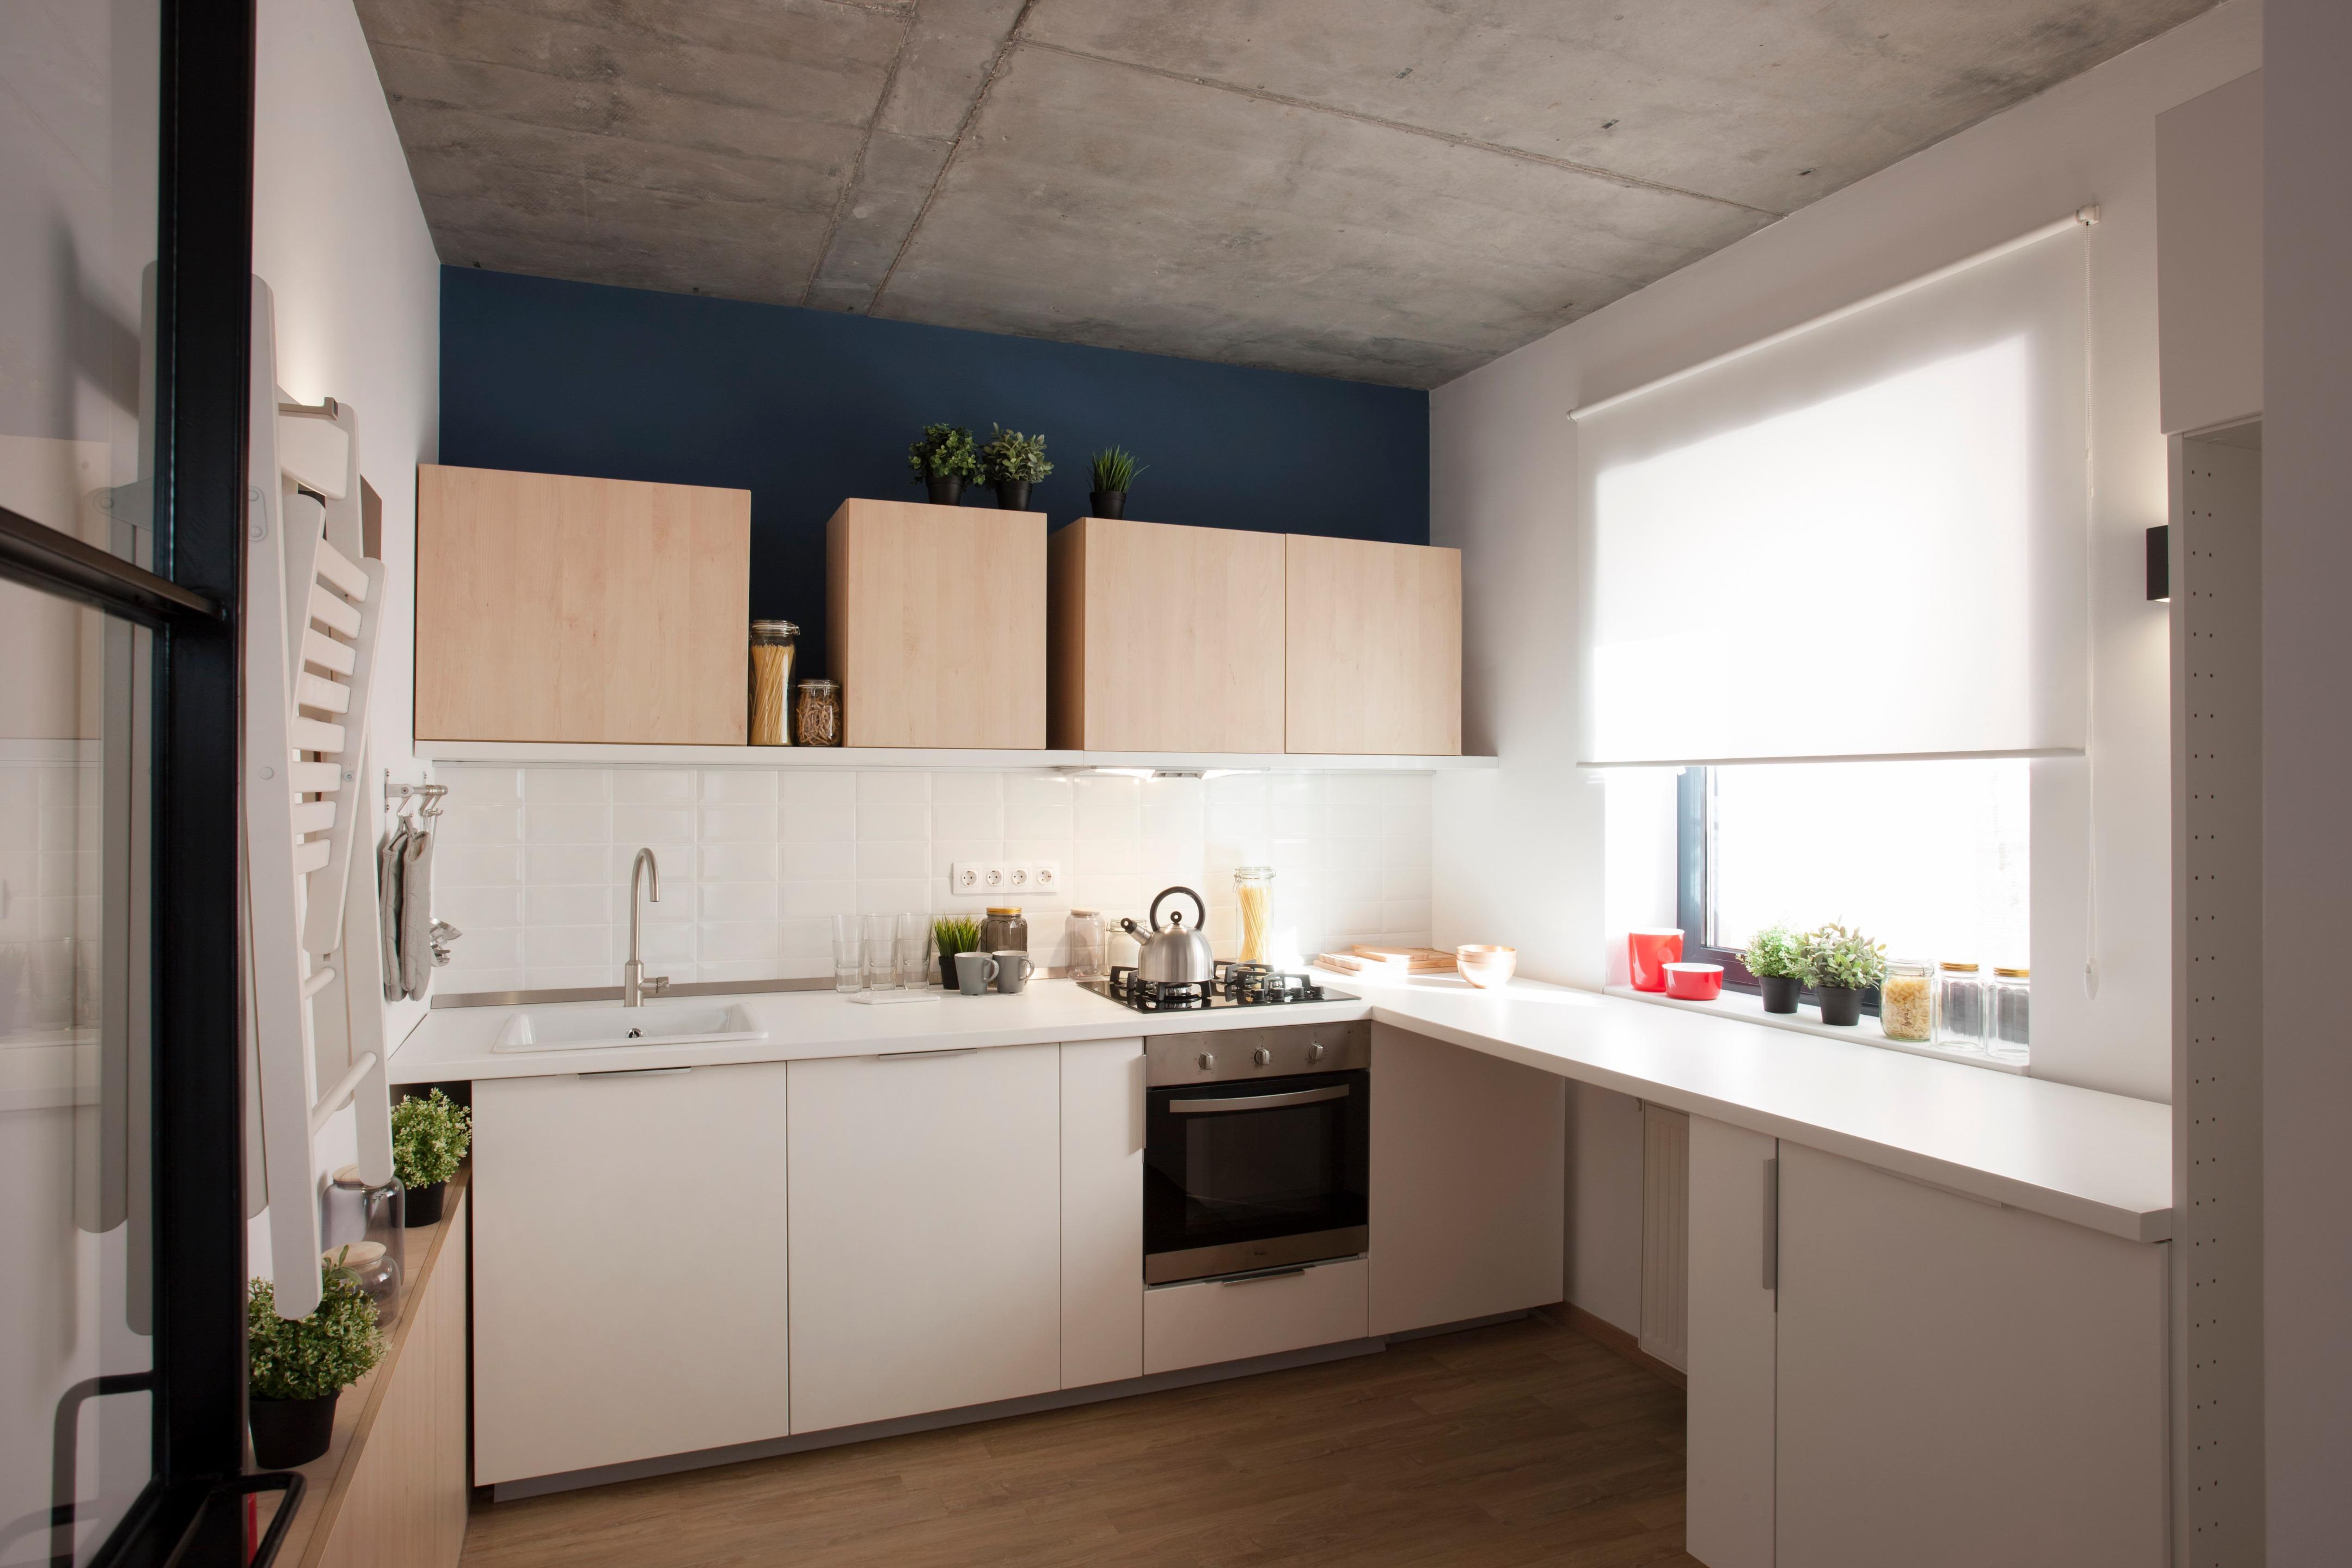 Nhà bếp cũng được tiếp xúc với ánh sáng bên ngoài vào